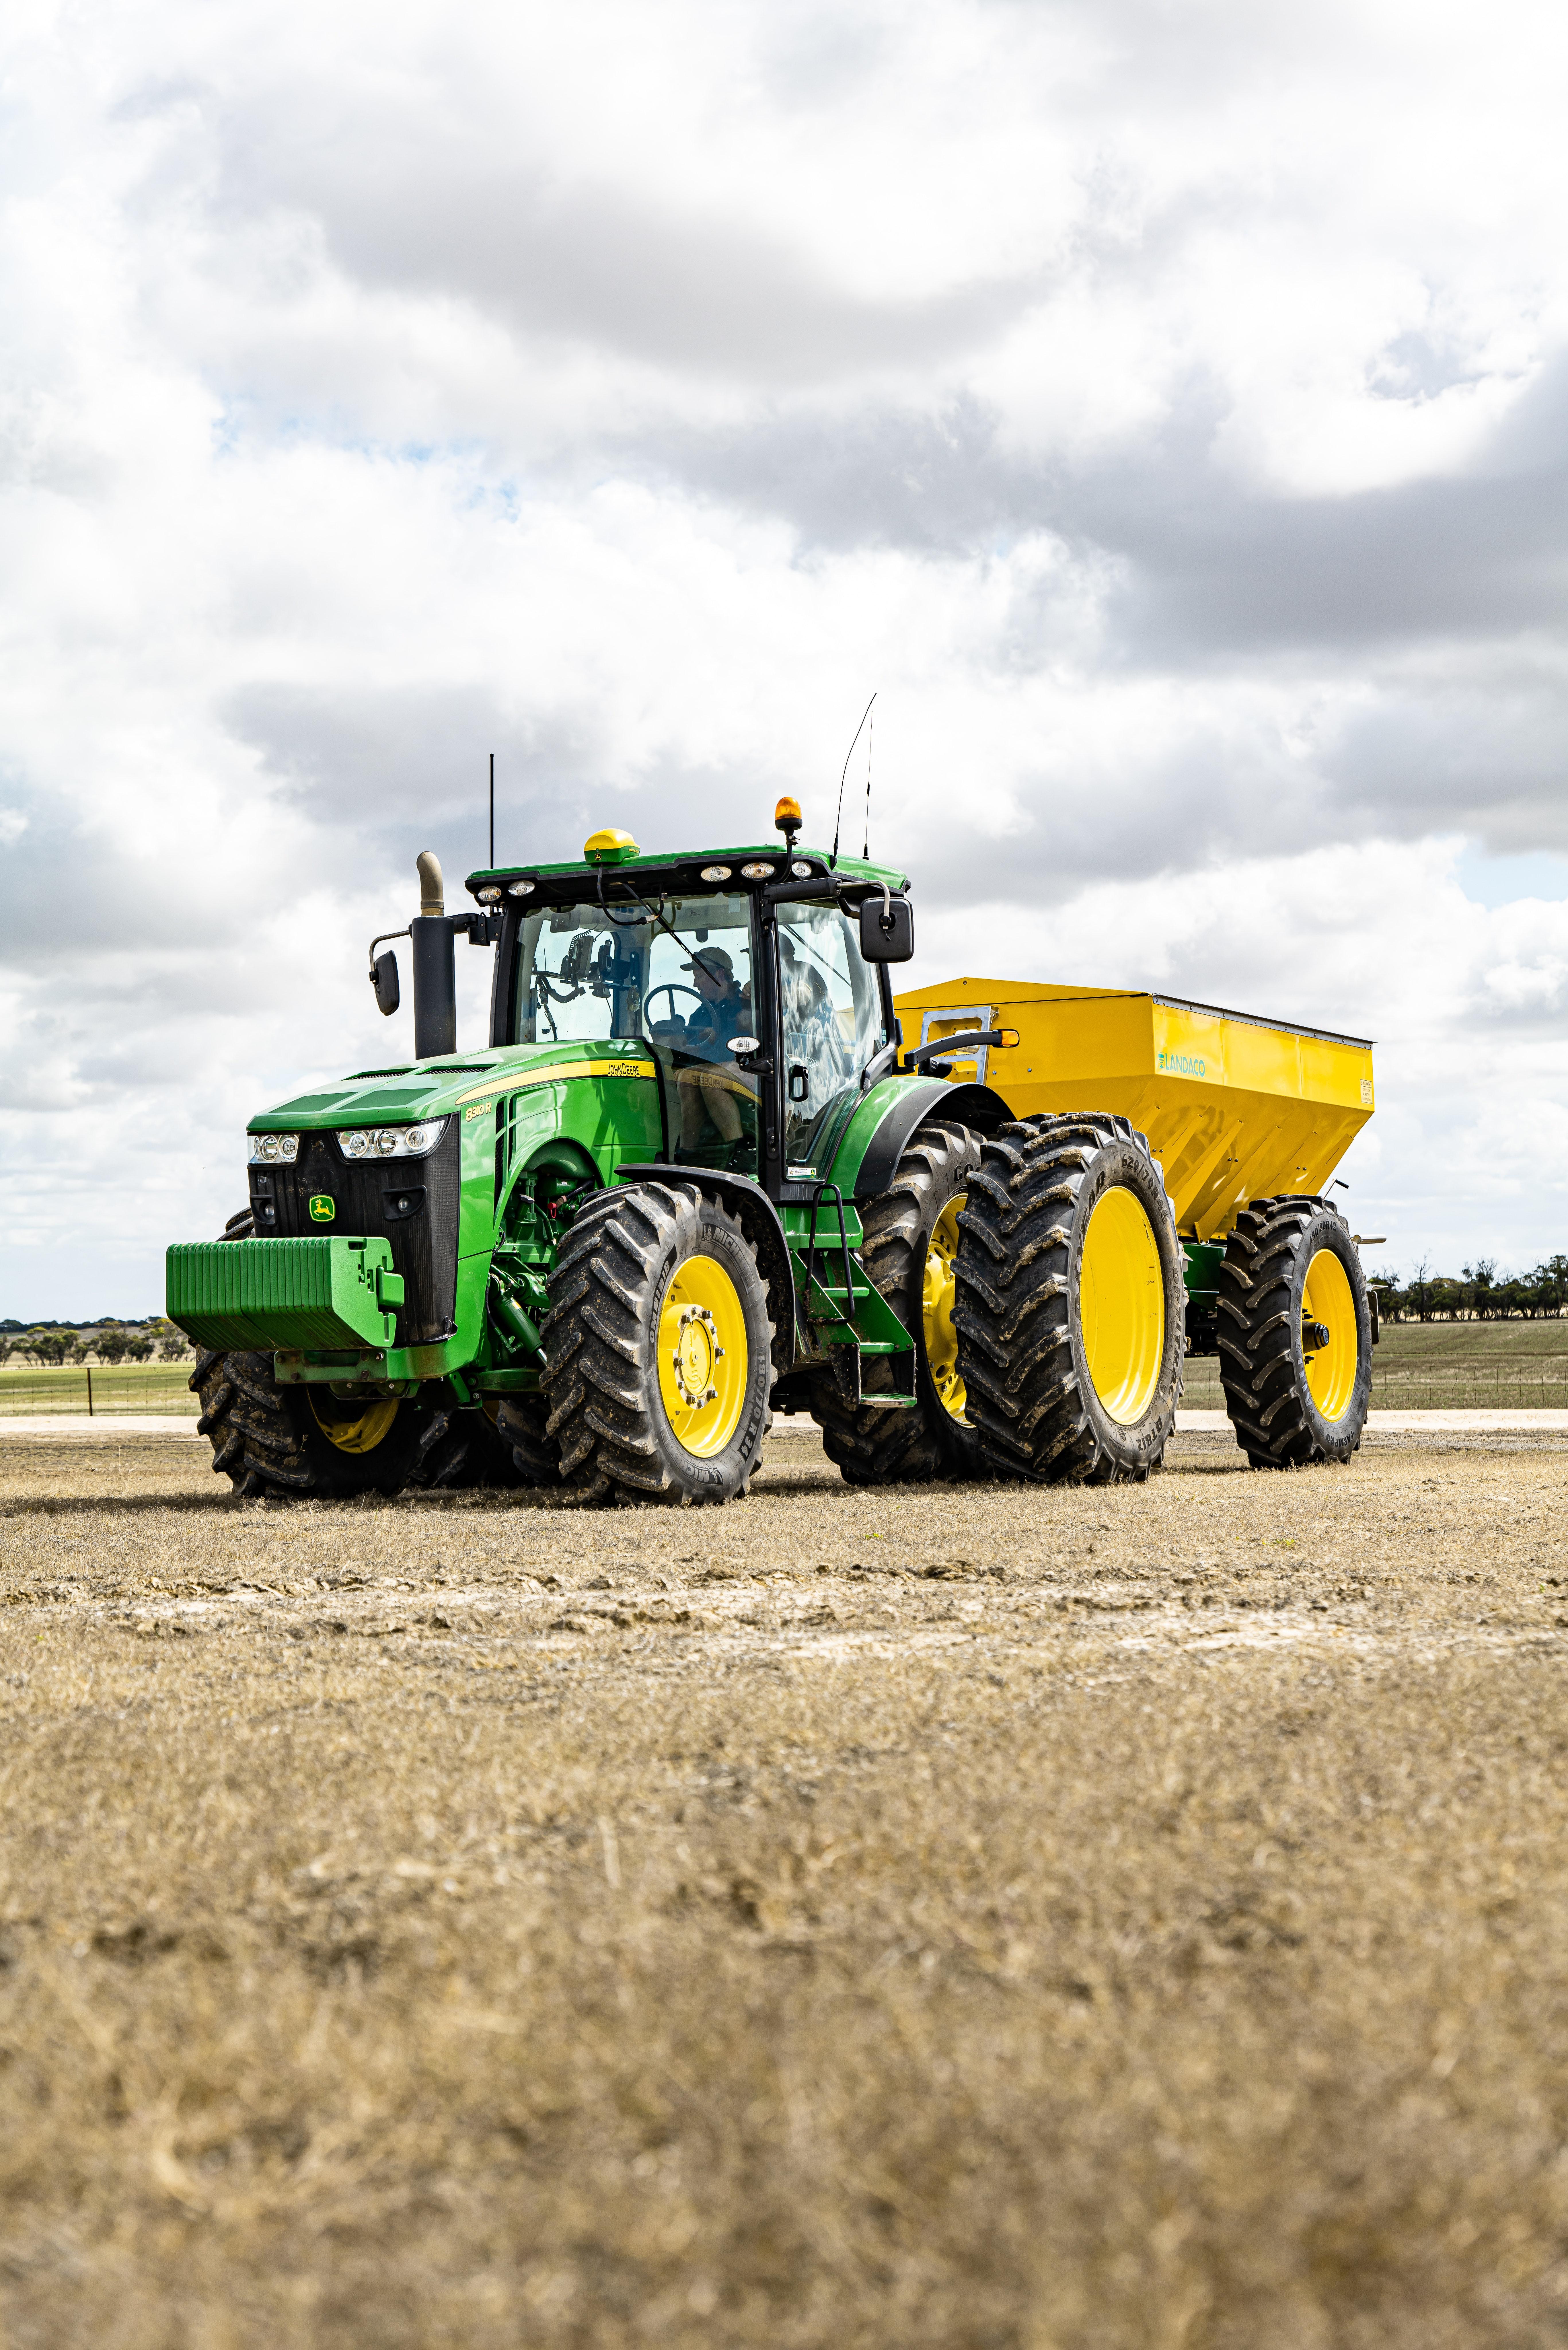 Rolnictwo precyzyjne ze znaczącym wzrostem popularności. Przyszłość w rękach lokalnych dystrybutorów